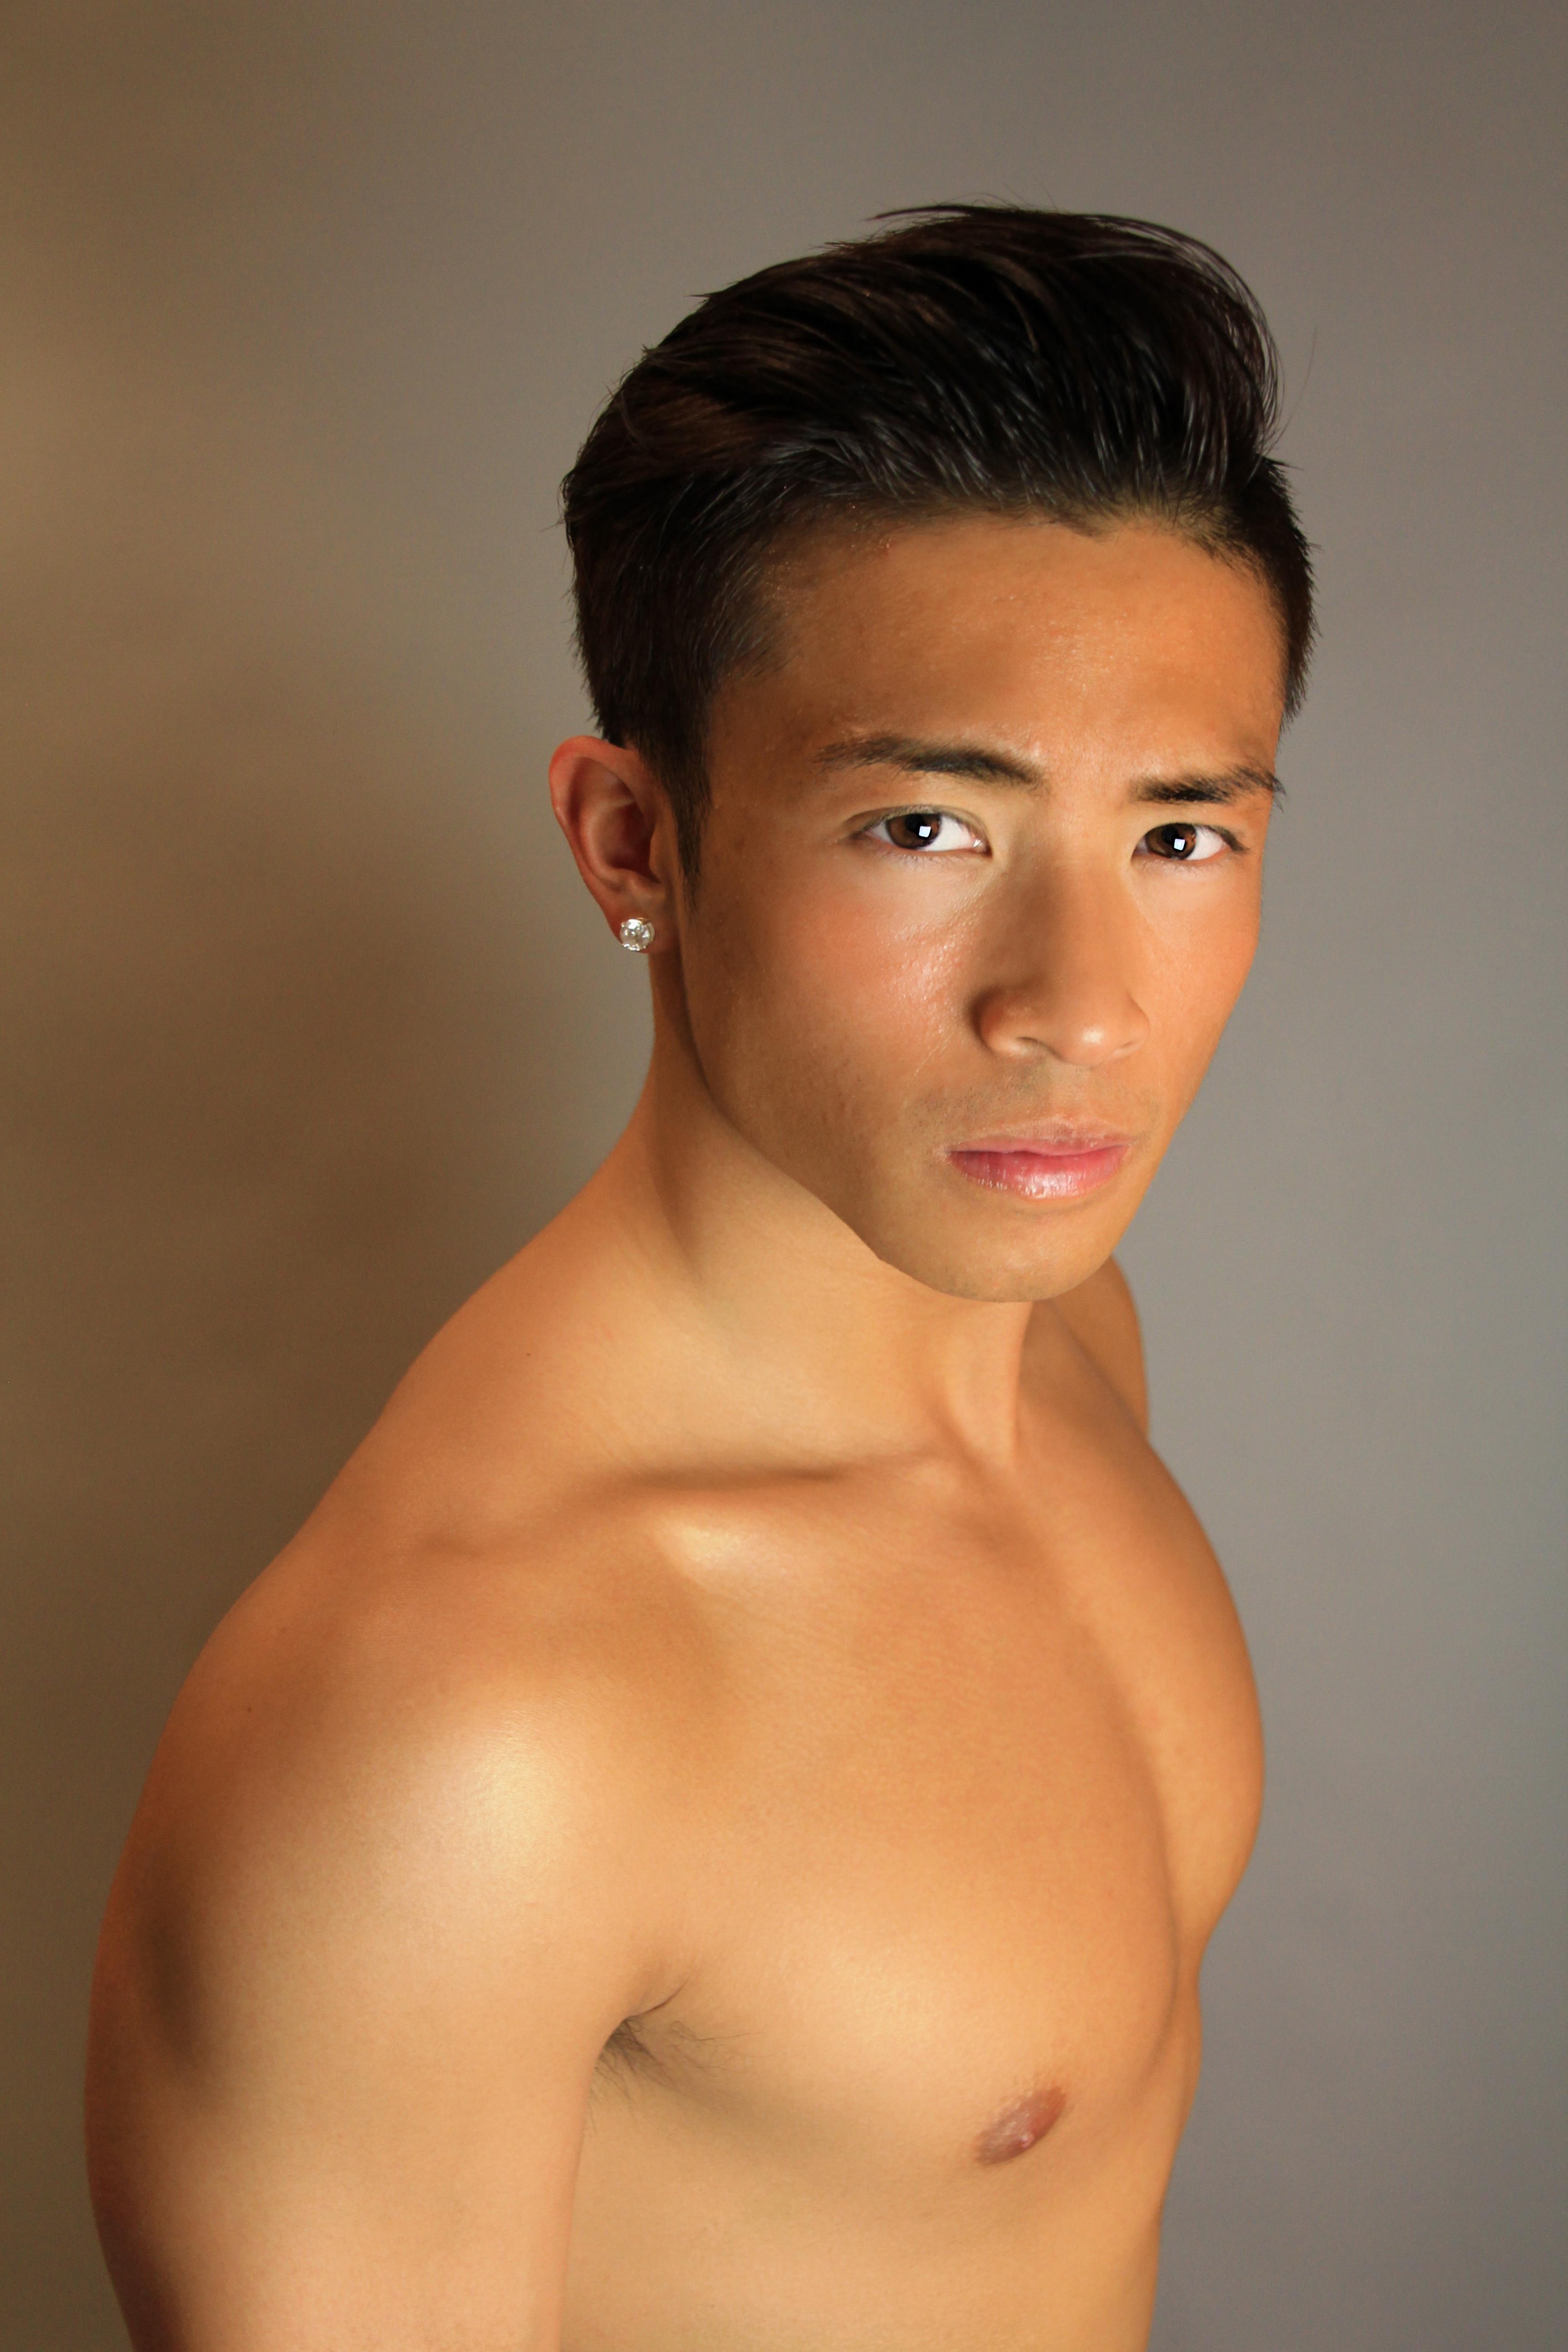 Model: Steven